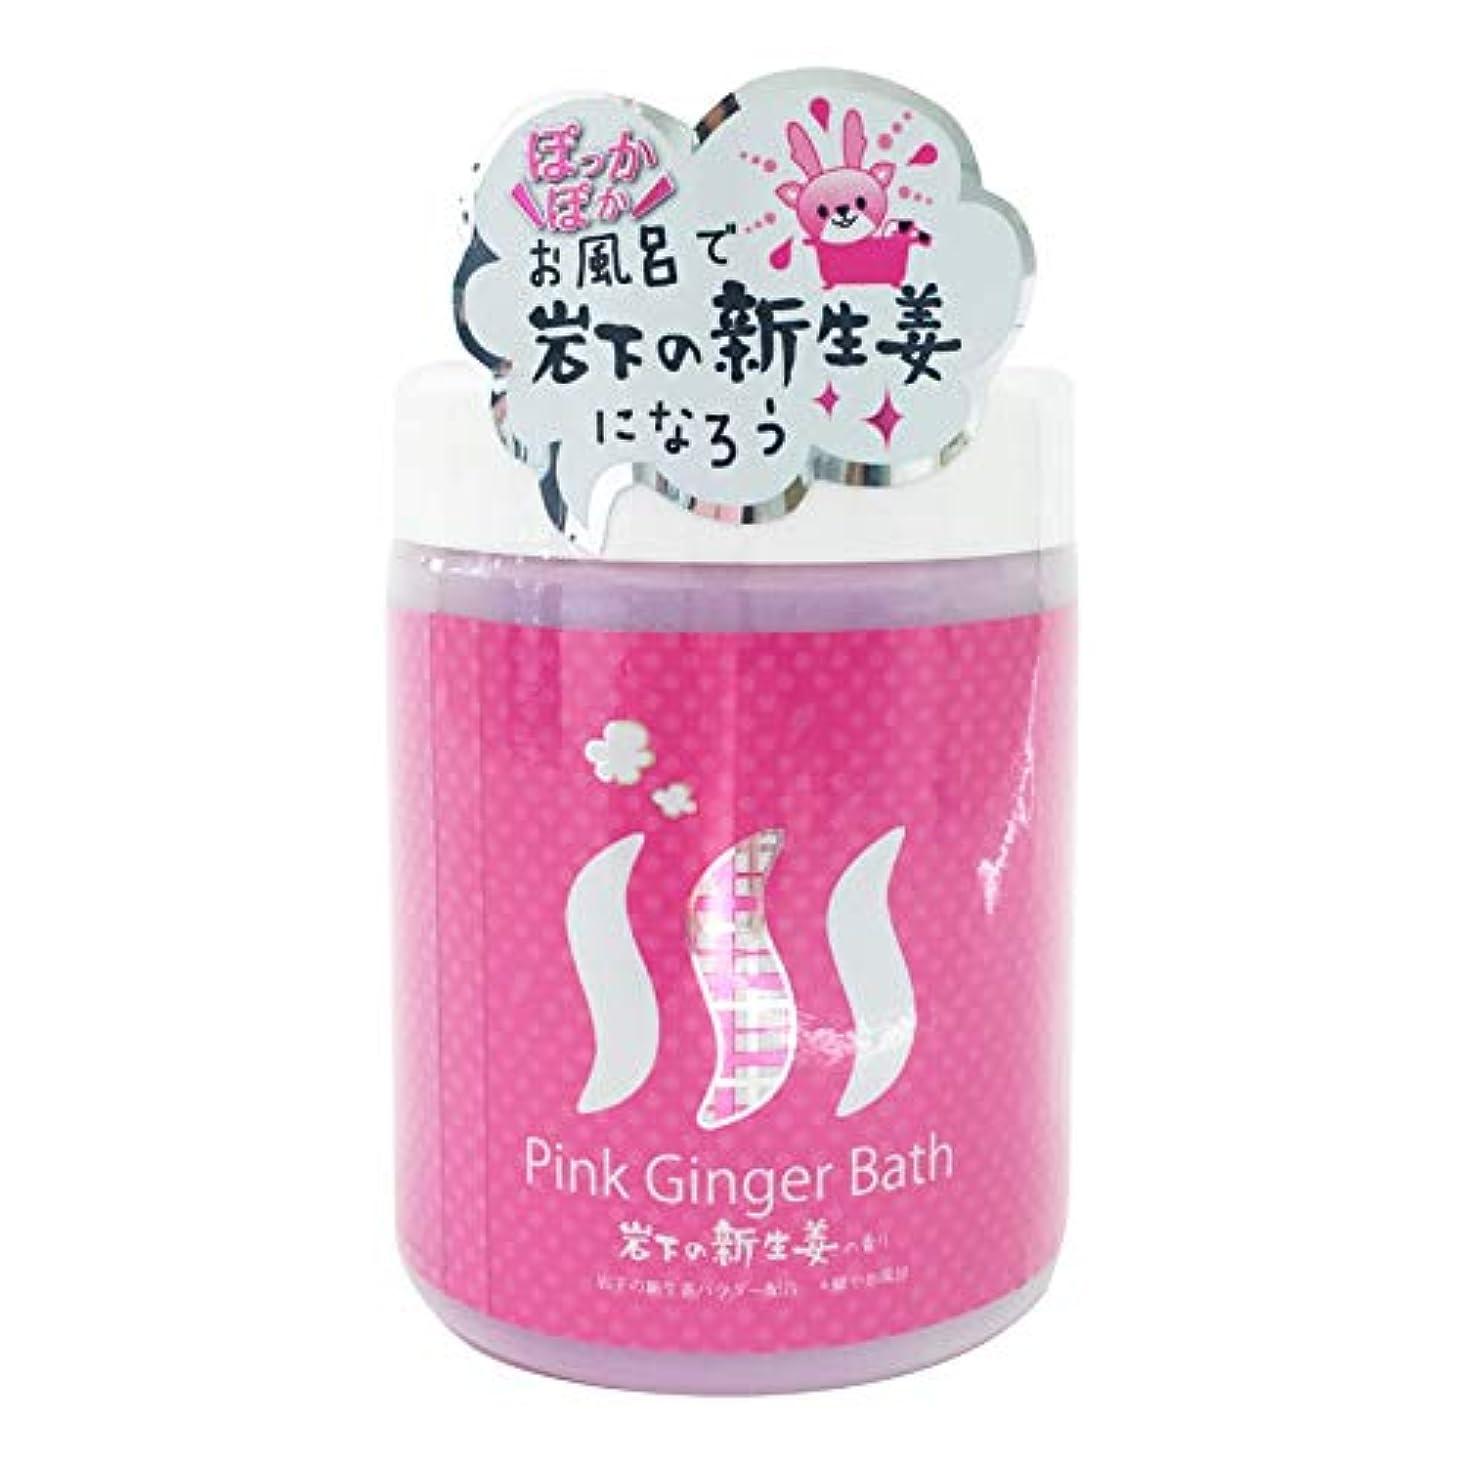 ミュートぼろウナギピンクジンジャーバス 入浴剤 岩下の新生姜の香り 370g(7回分)